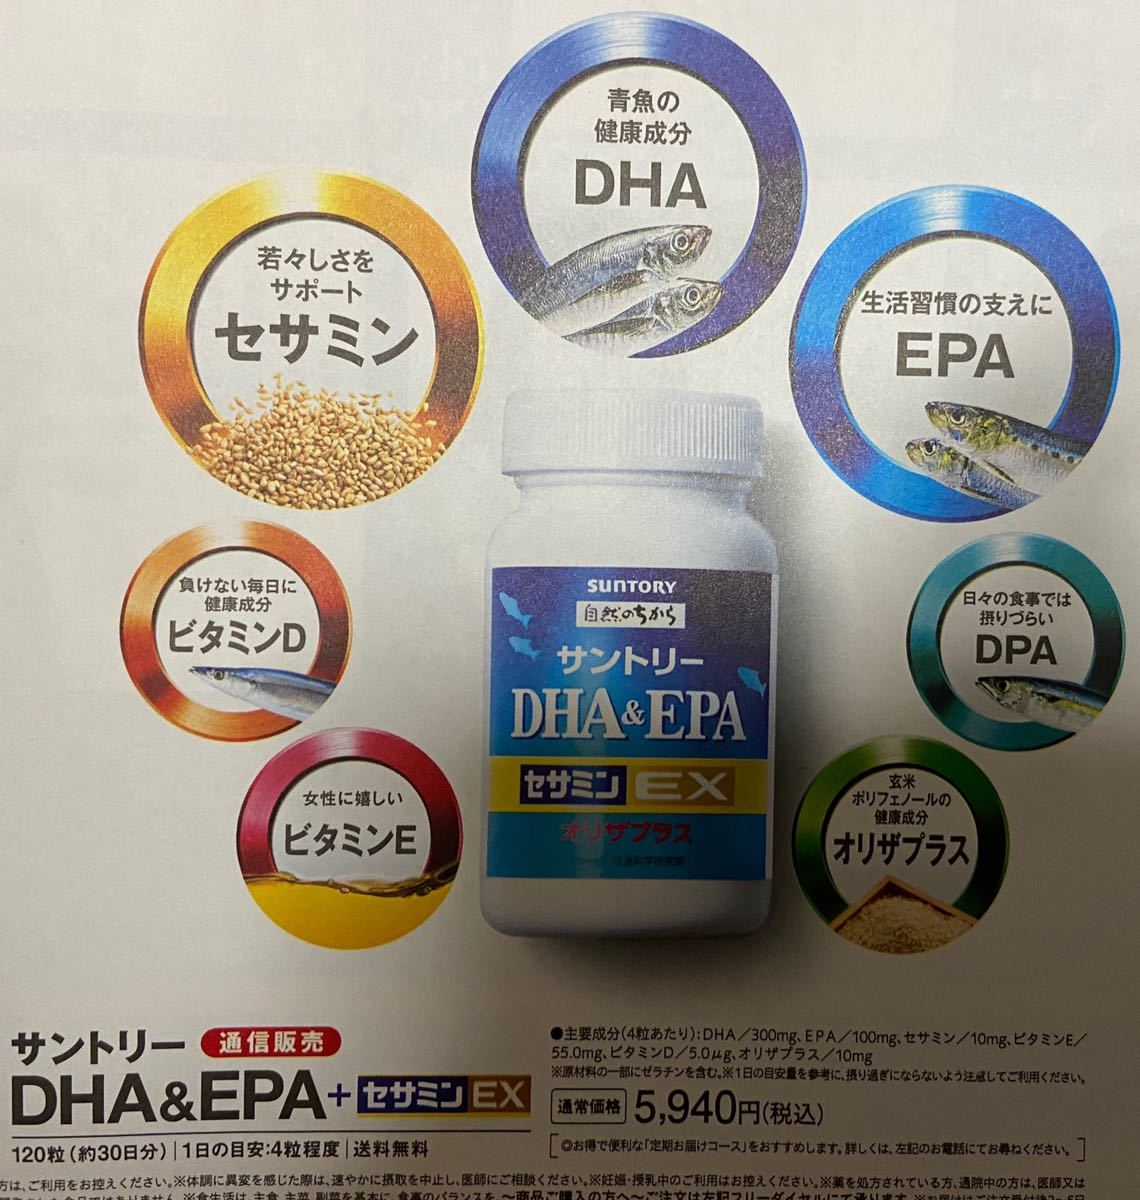 サントリーサプリメント 無料応募用紙20枚 健康食品 定価5940円→無料→申込用紙20枚 サントリーDHA&EPA +セサミンEX_画像3